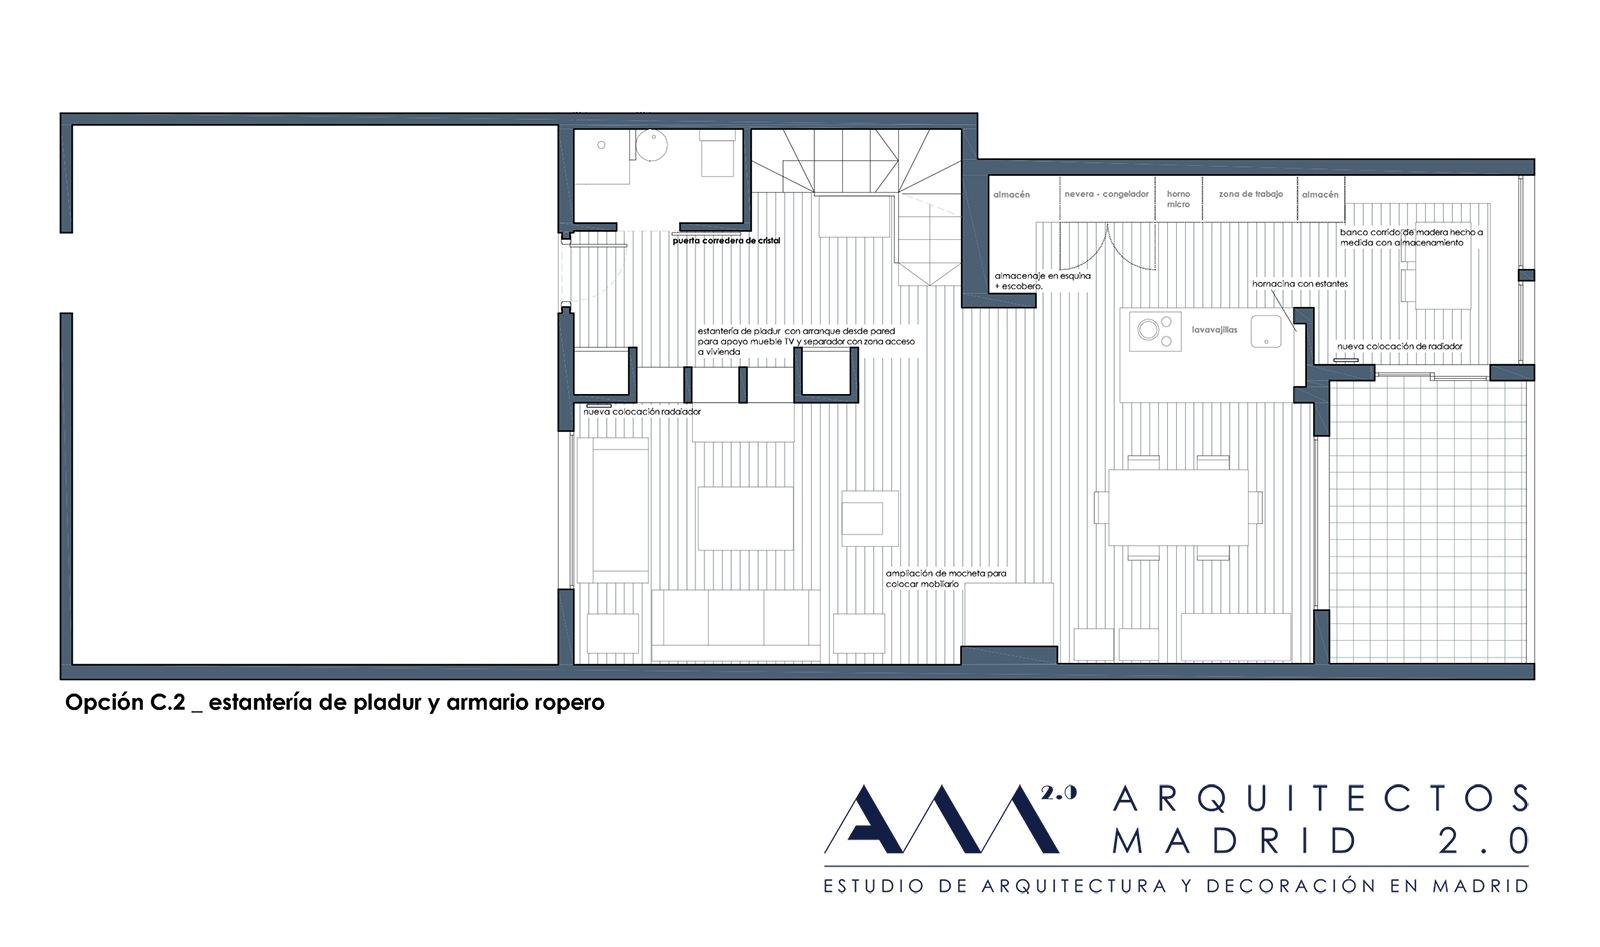 diseno-de-interiores-proyecto-decoracion-reforma-de-viviendas-arquitectura-interiorismo-02